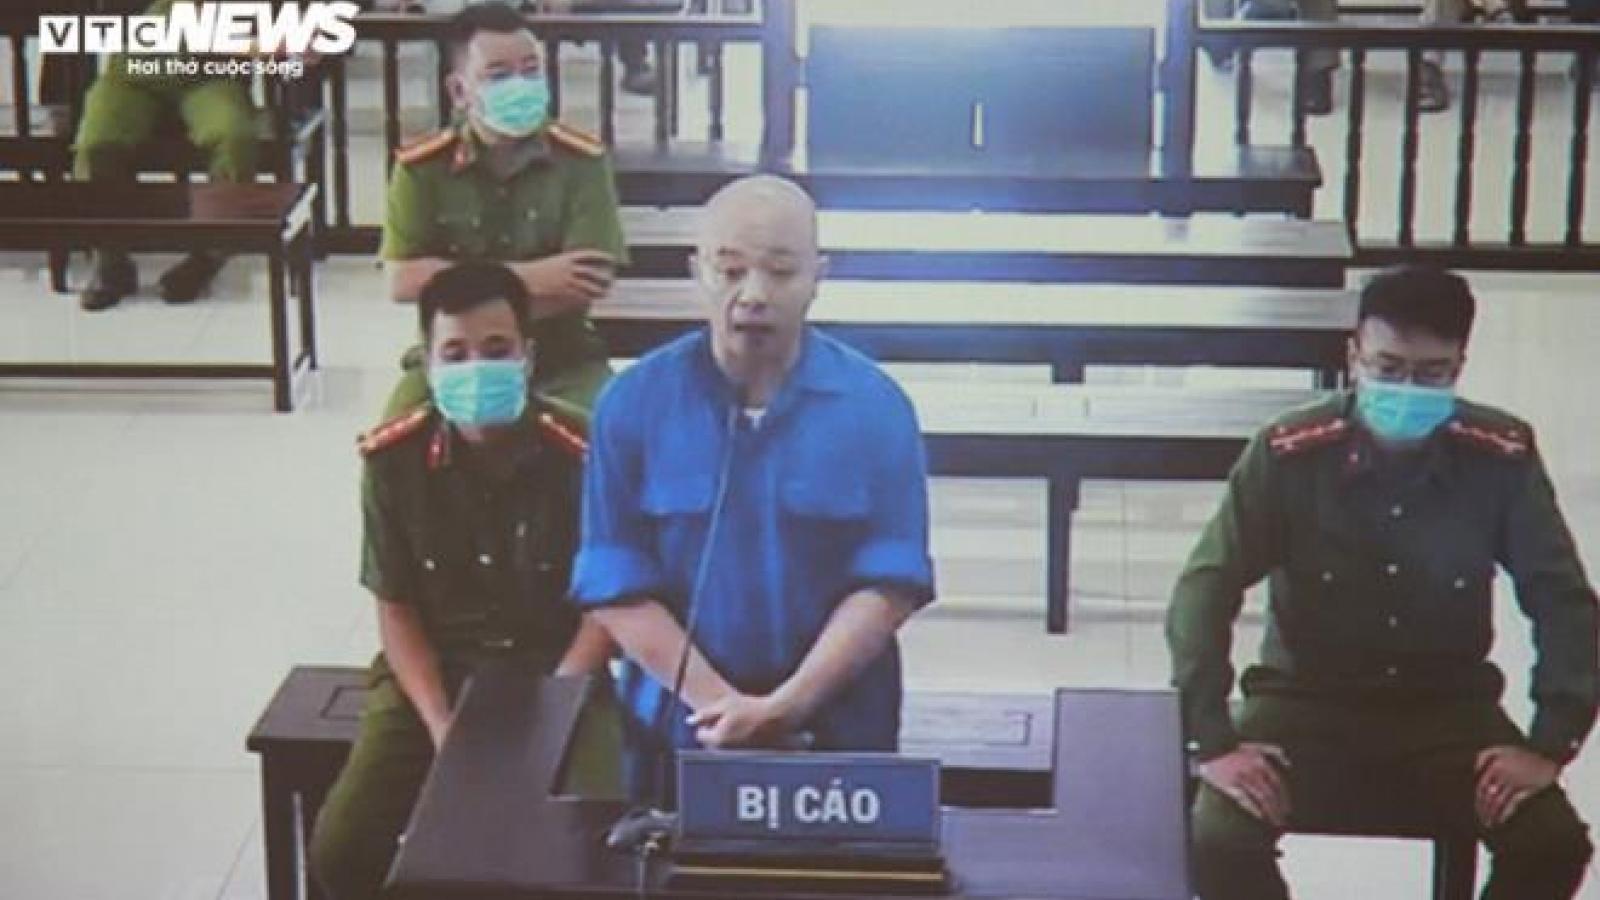 Khởi tố Giám đốc ở Thái Bình liên quan vụ Nguyễn Xuân Đường ăn chặn tiền hỏa táng